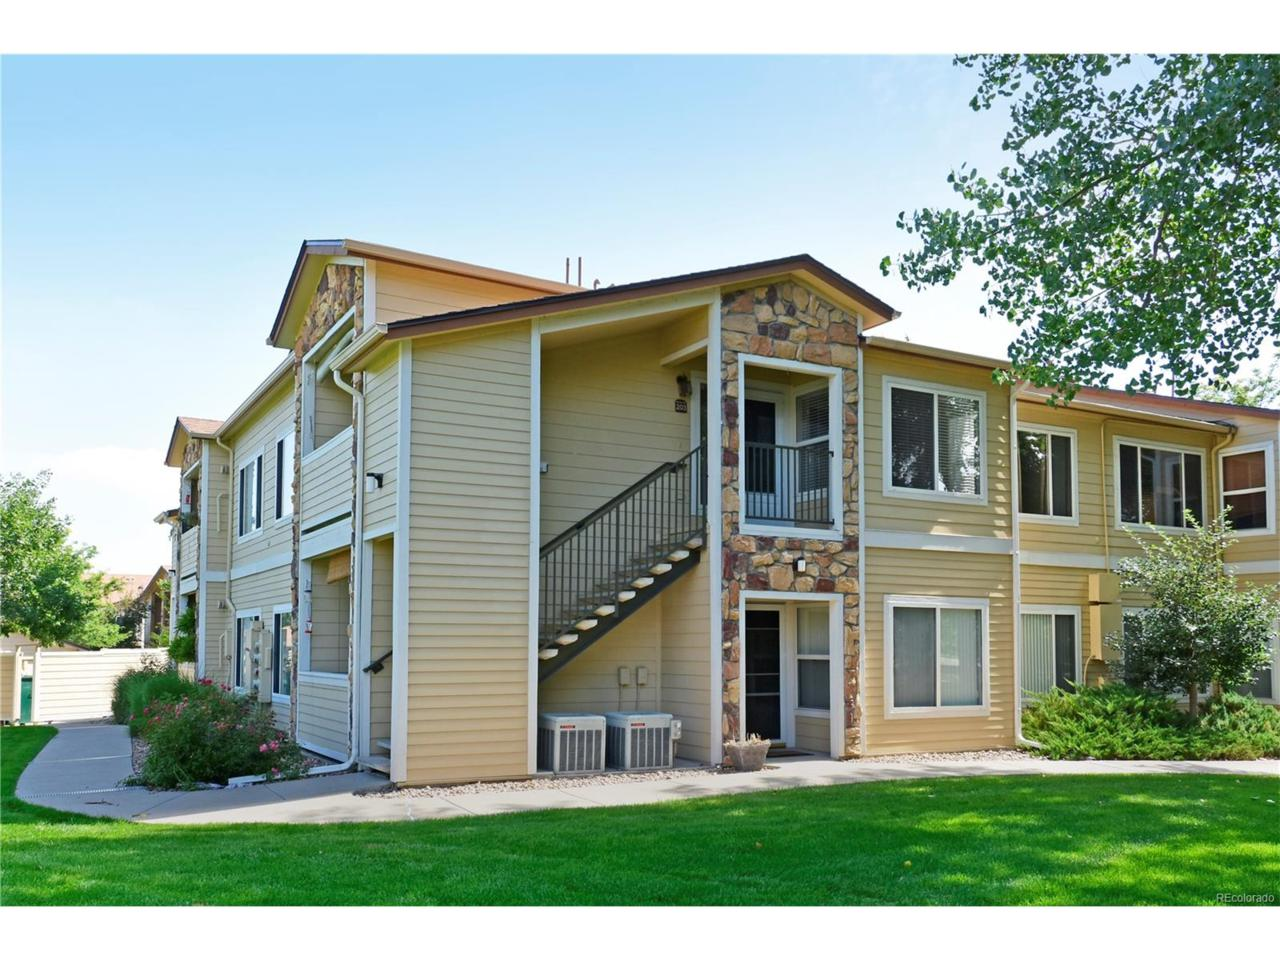 4747 S Balsam Way #203, Denver, CO 80123 (MLS #8717124) :: 8z Real Estate